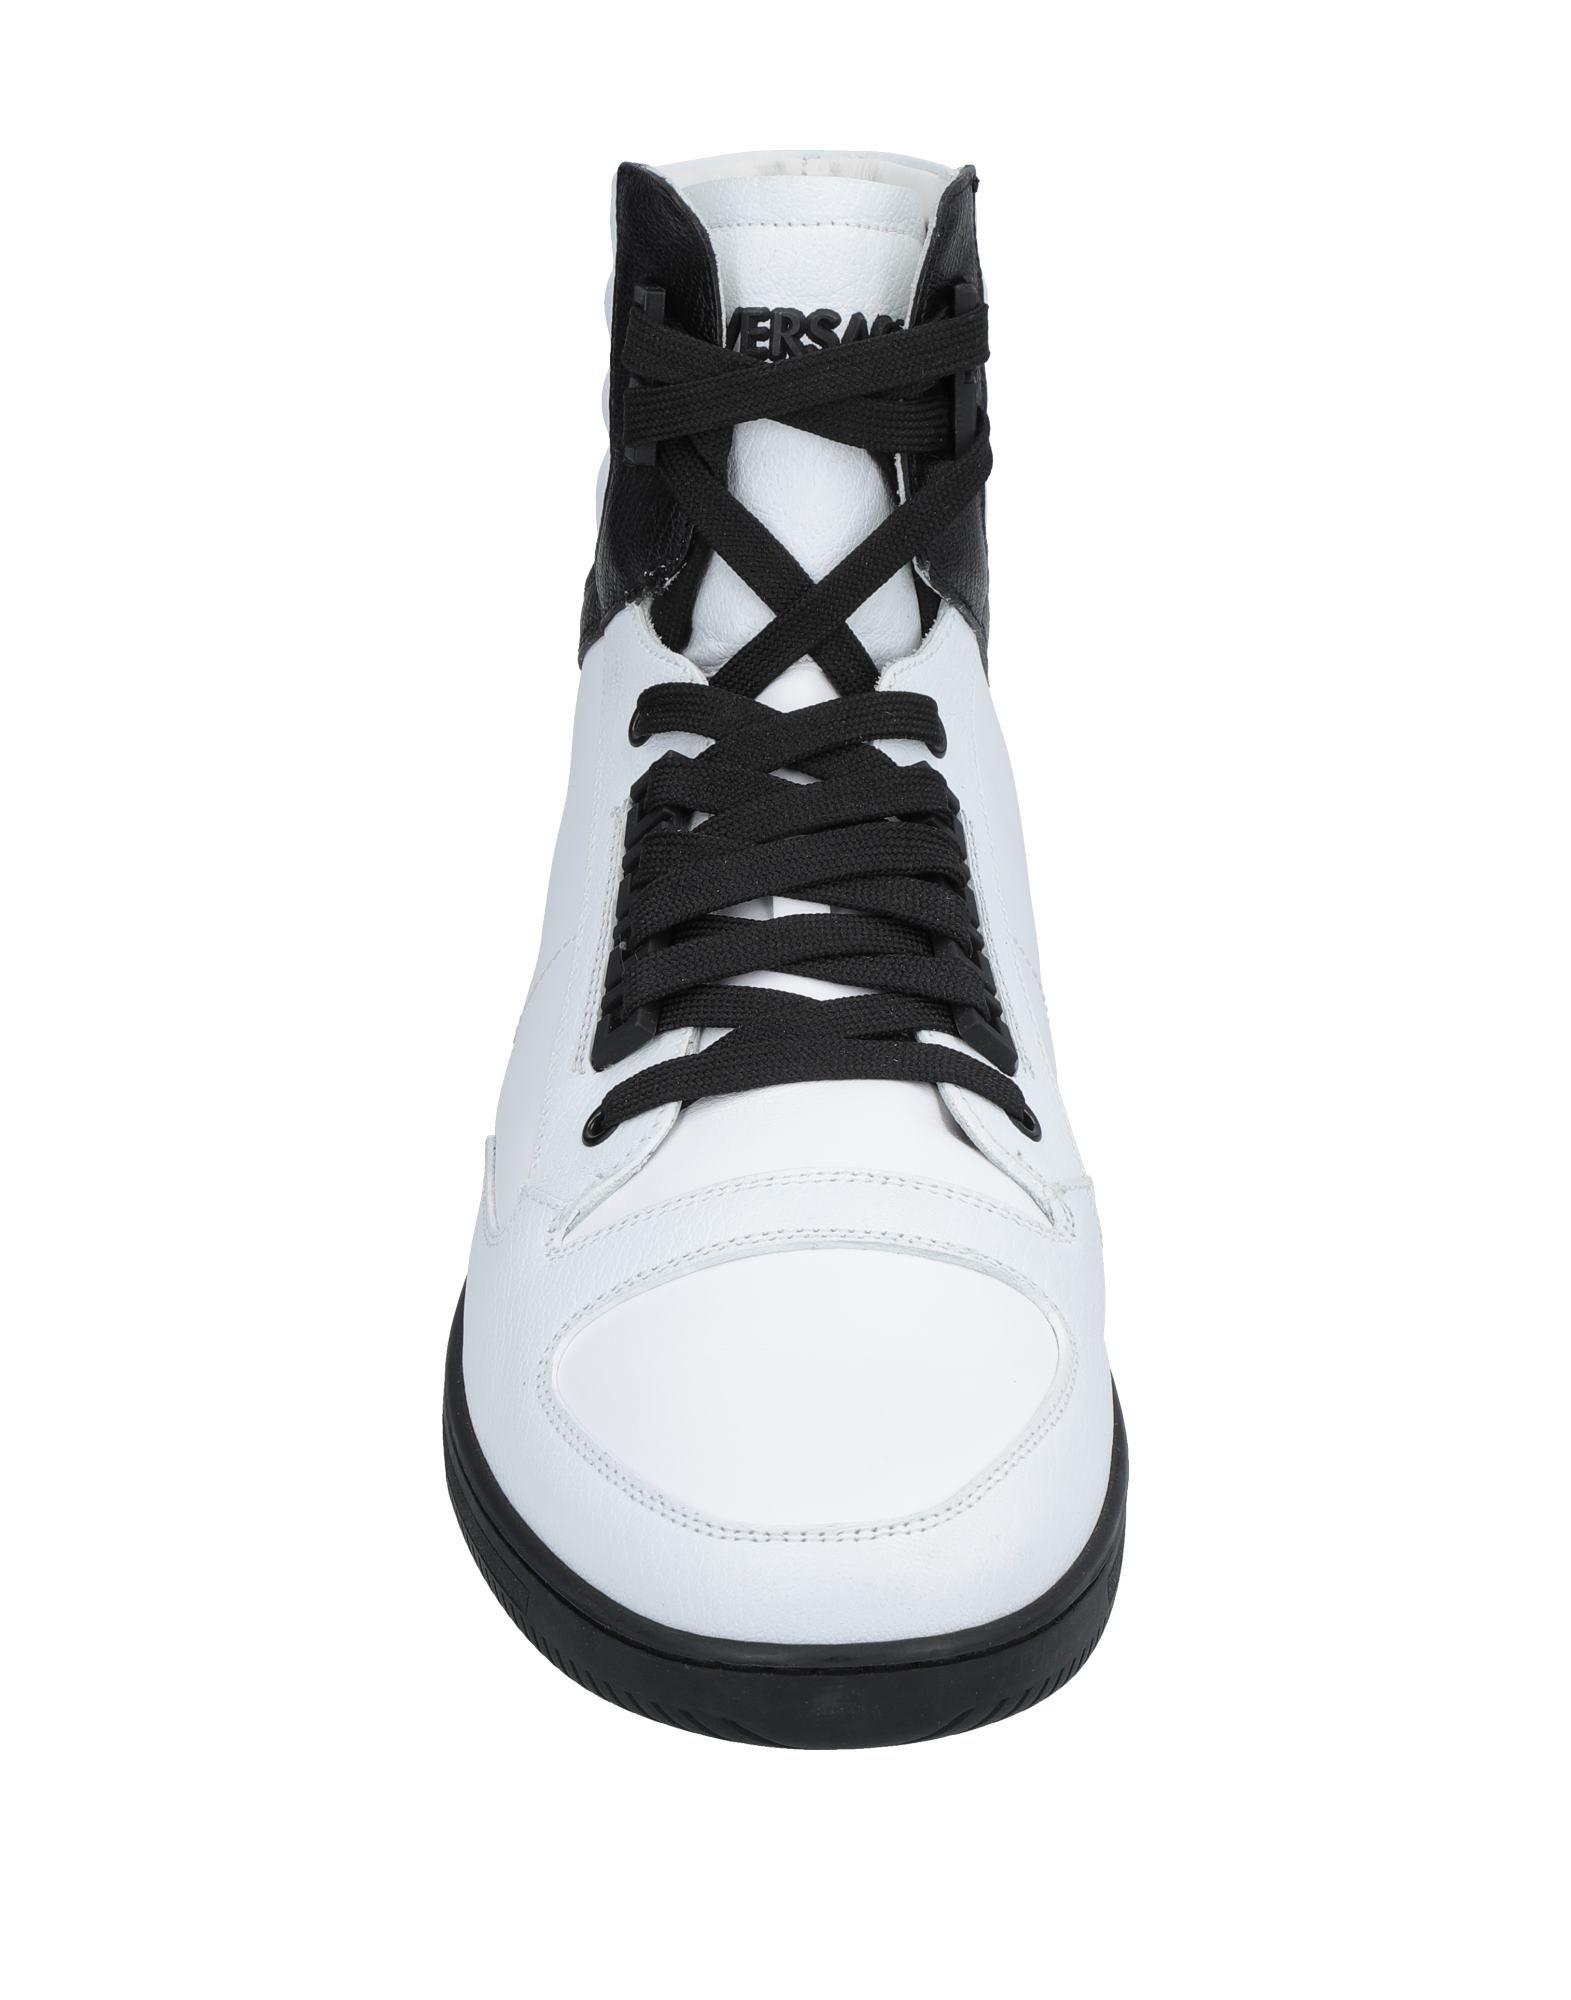 Versace Sneakers Herren  Schuhe 11528703XS Heiße Schuhe  1128c1